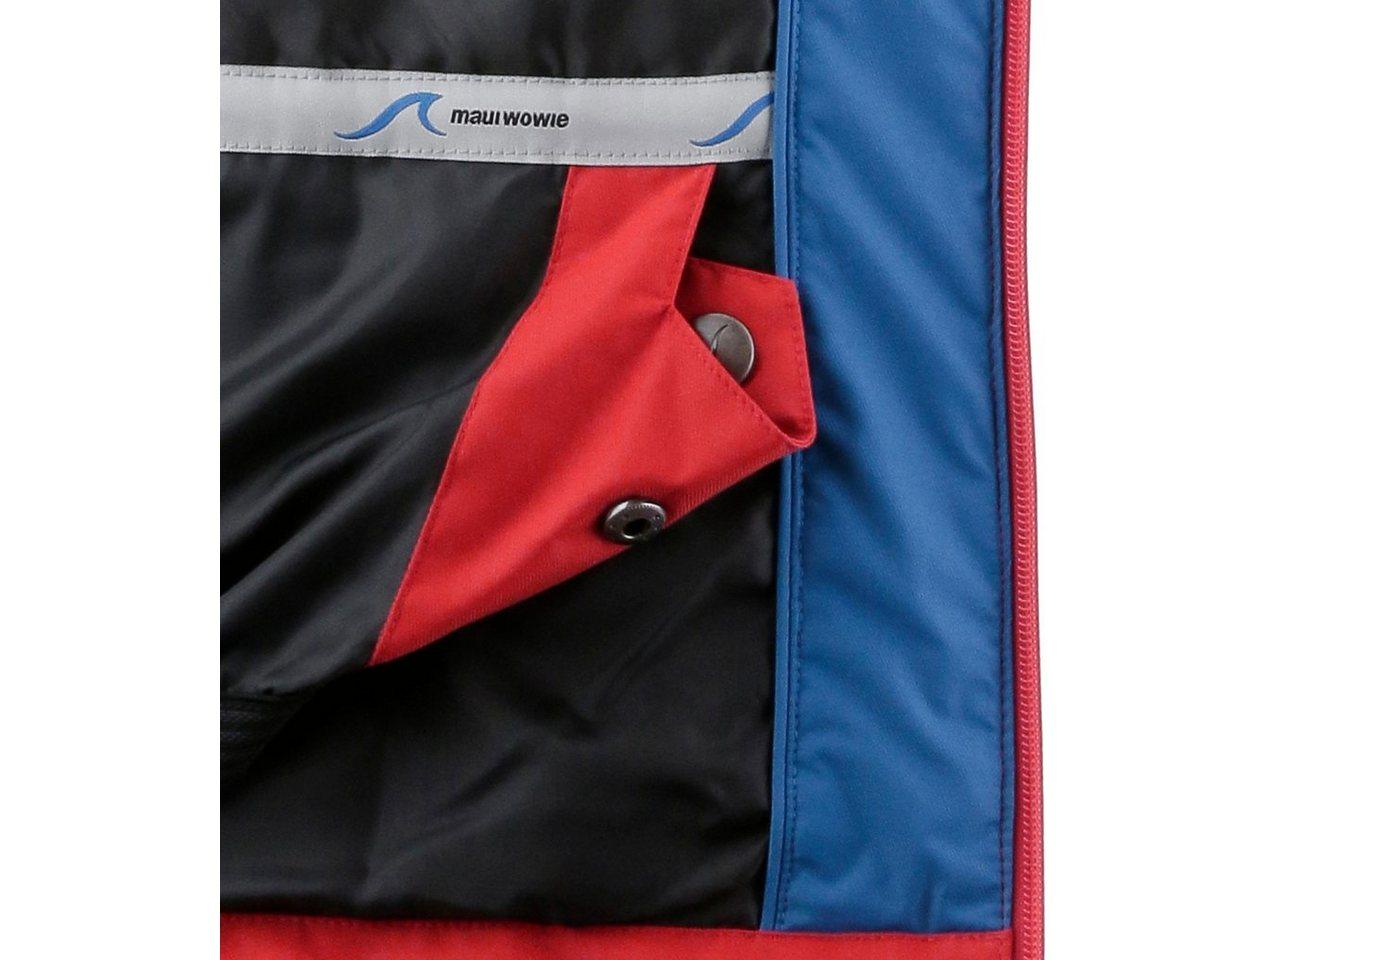 Maui Wowie Snowboardjacke | Sportbekleidung > Sportjacken > Snowboardjacken | Blau | Polyester | Maui Wowie